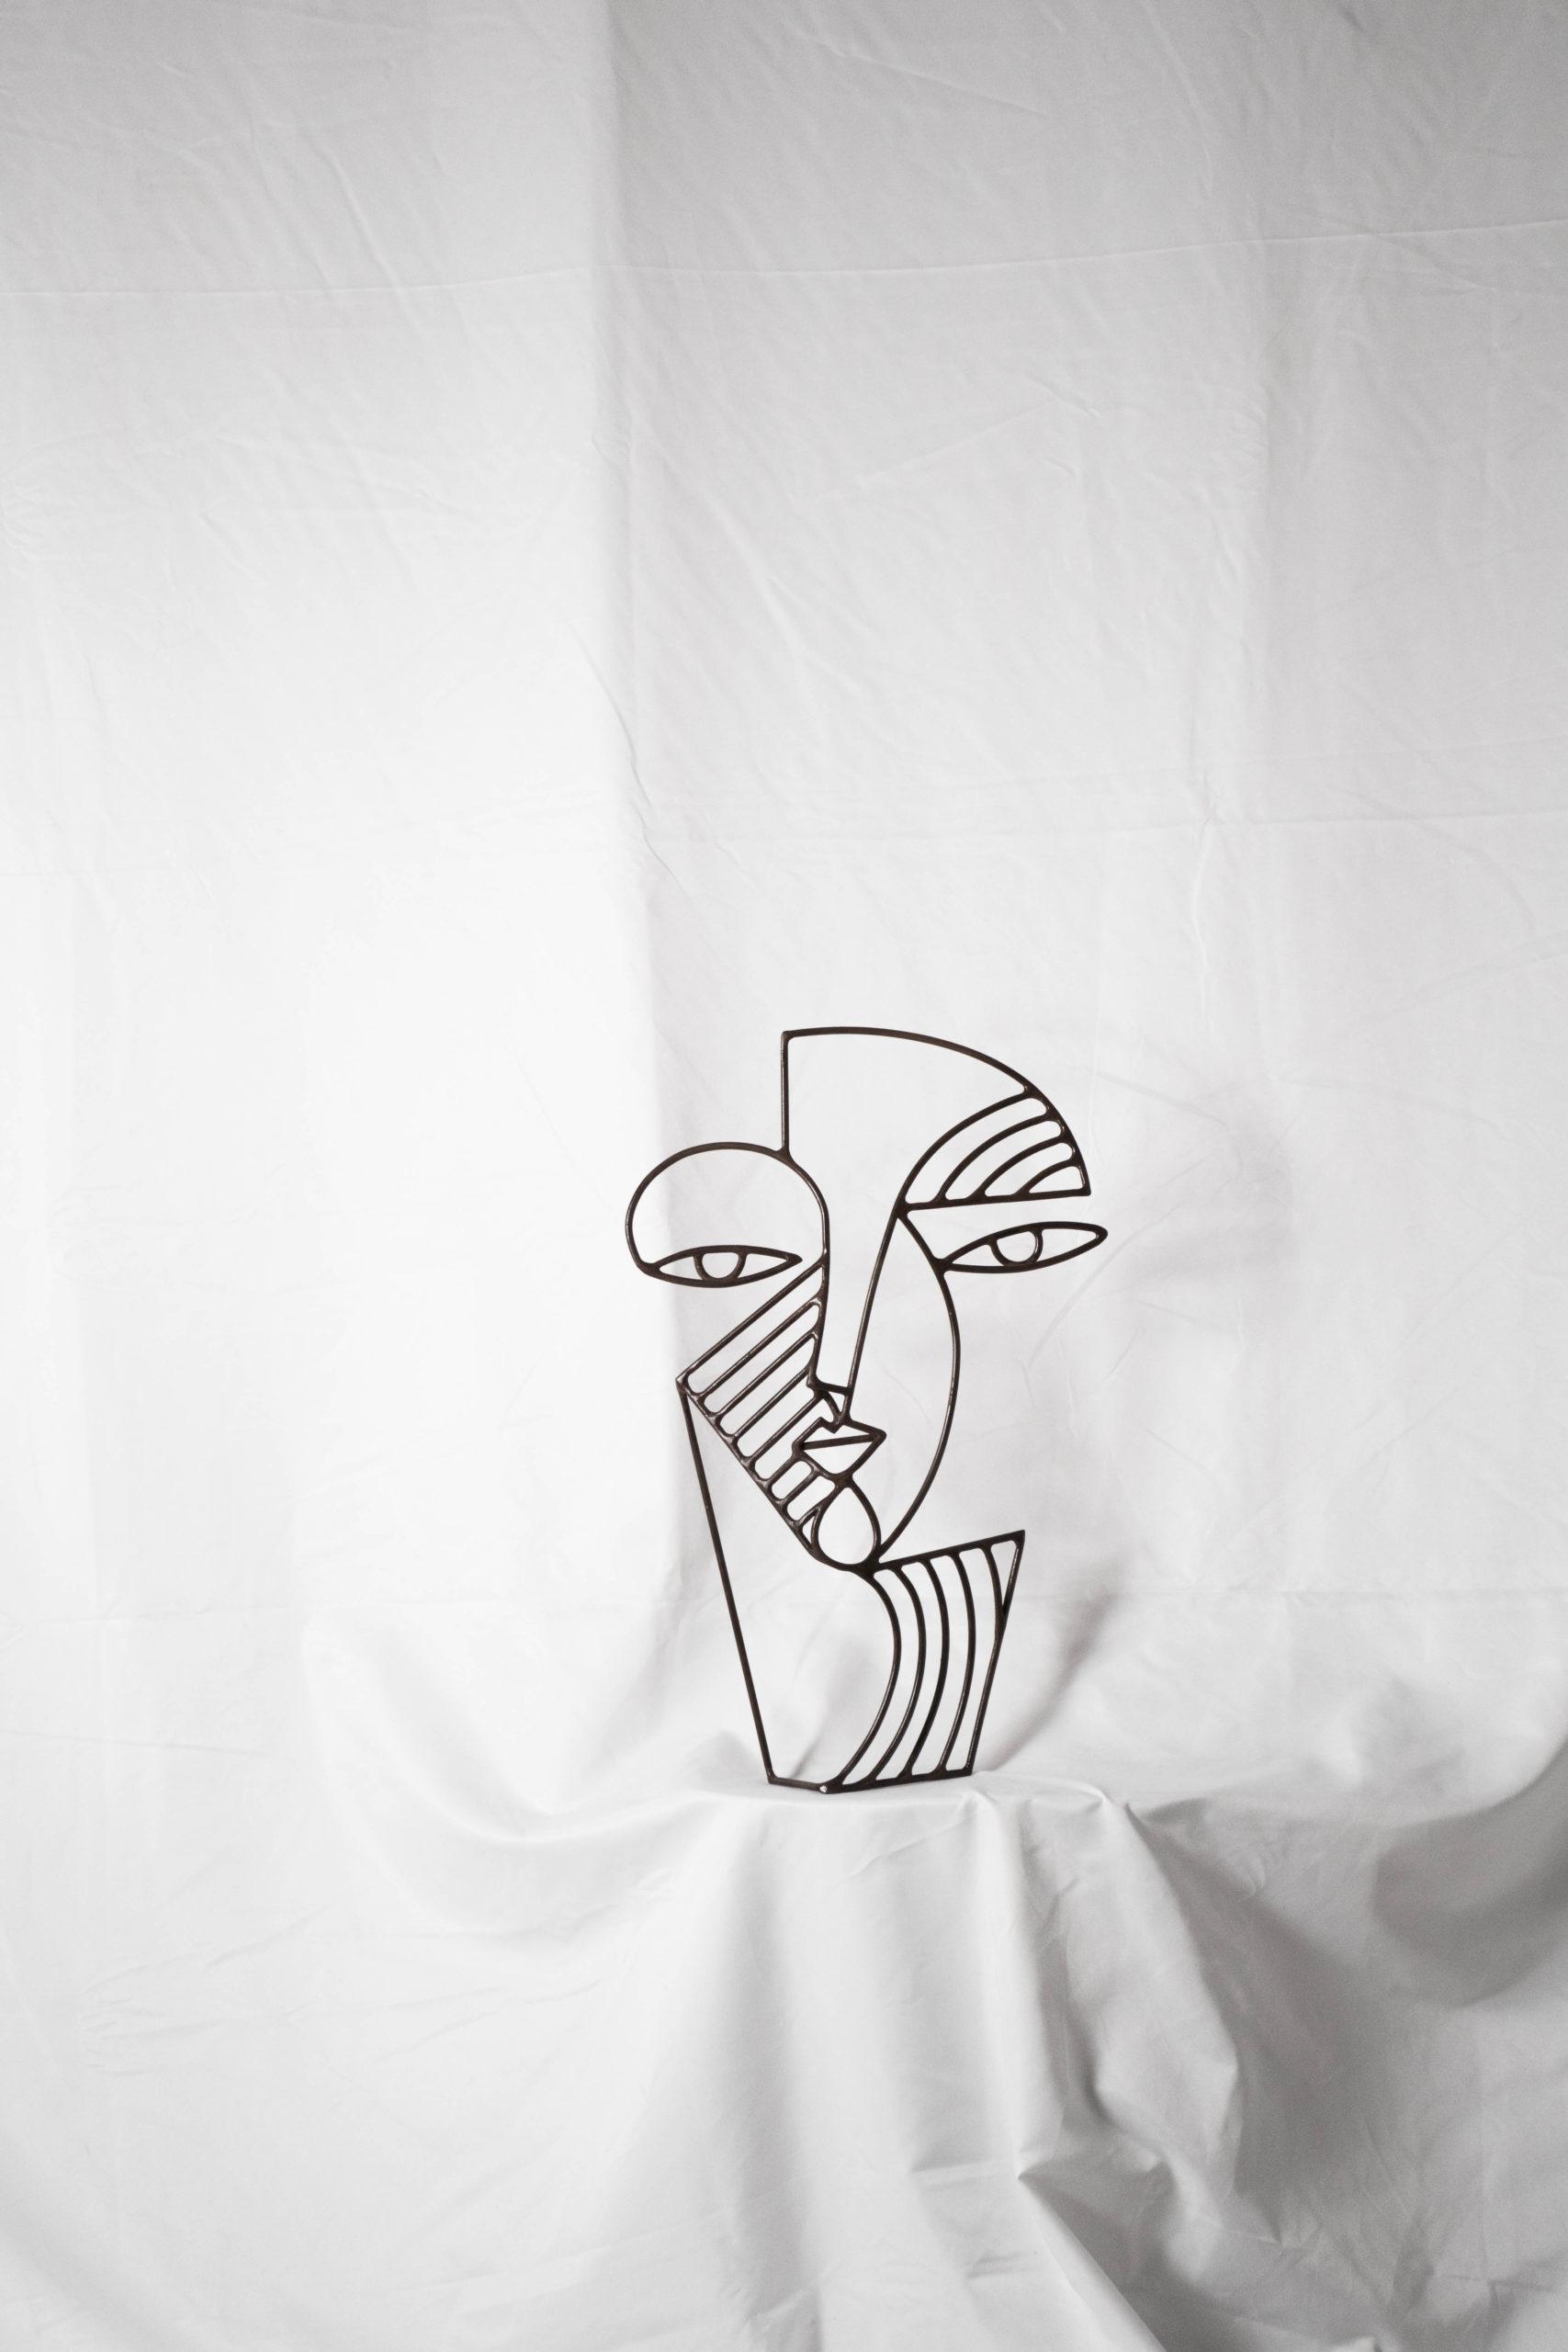 escultura de metal detalle de calidad decorativa